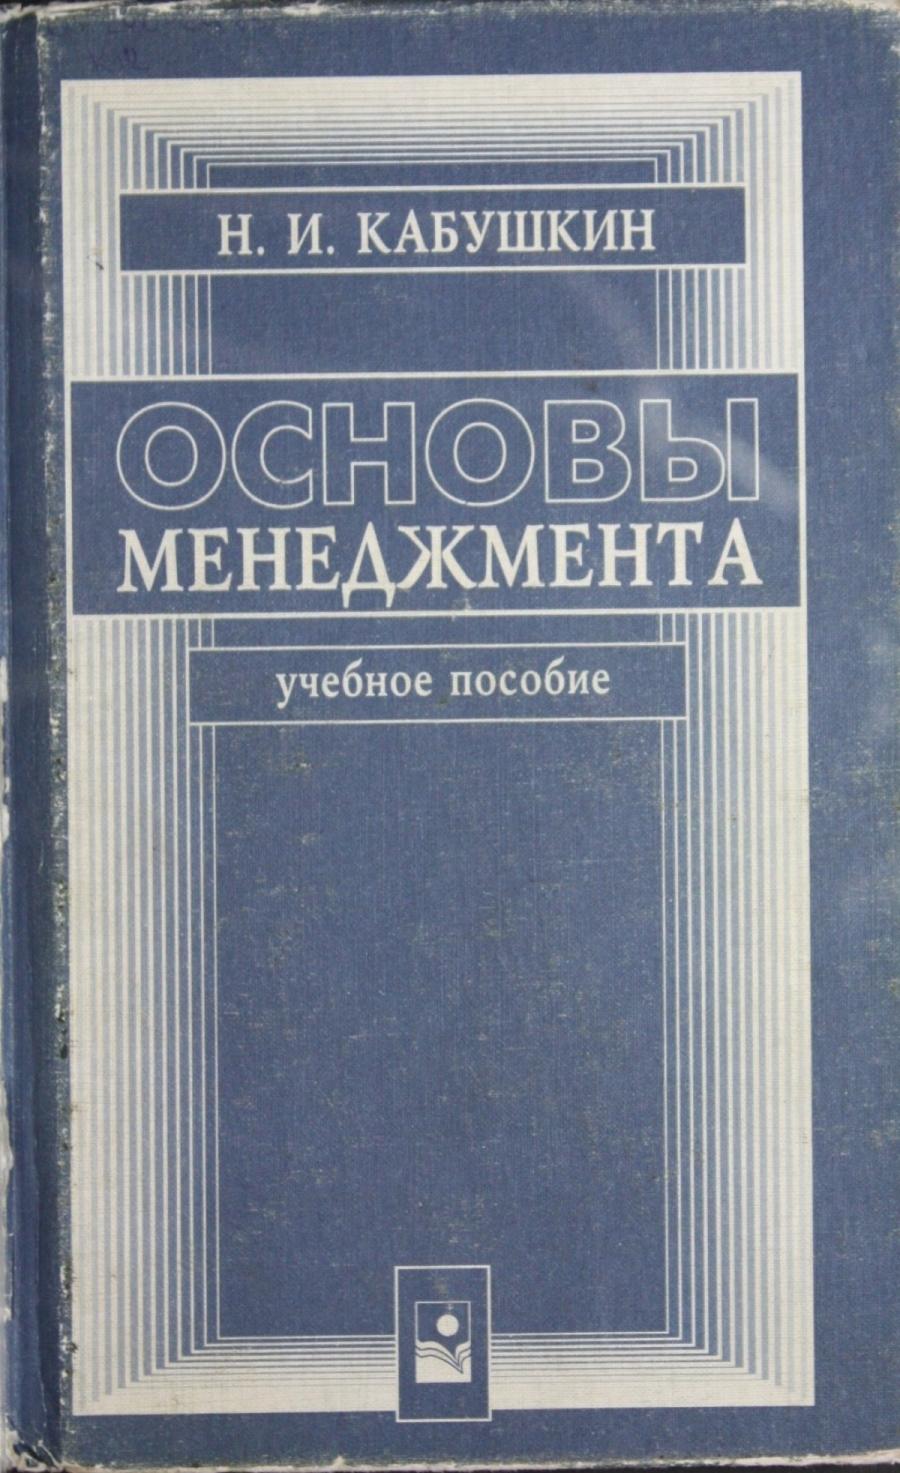 Обложка книги:  кабушкин н.и. - основы менеджмента (11-е изд.).